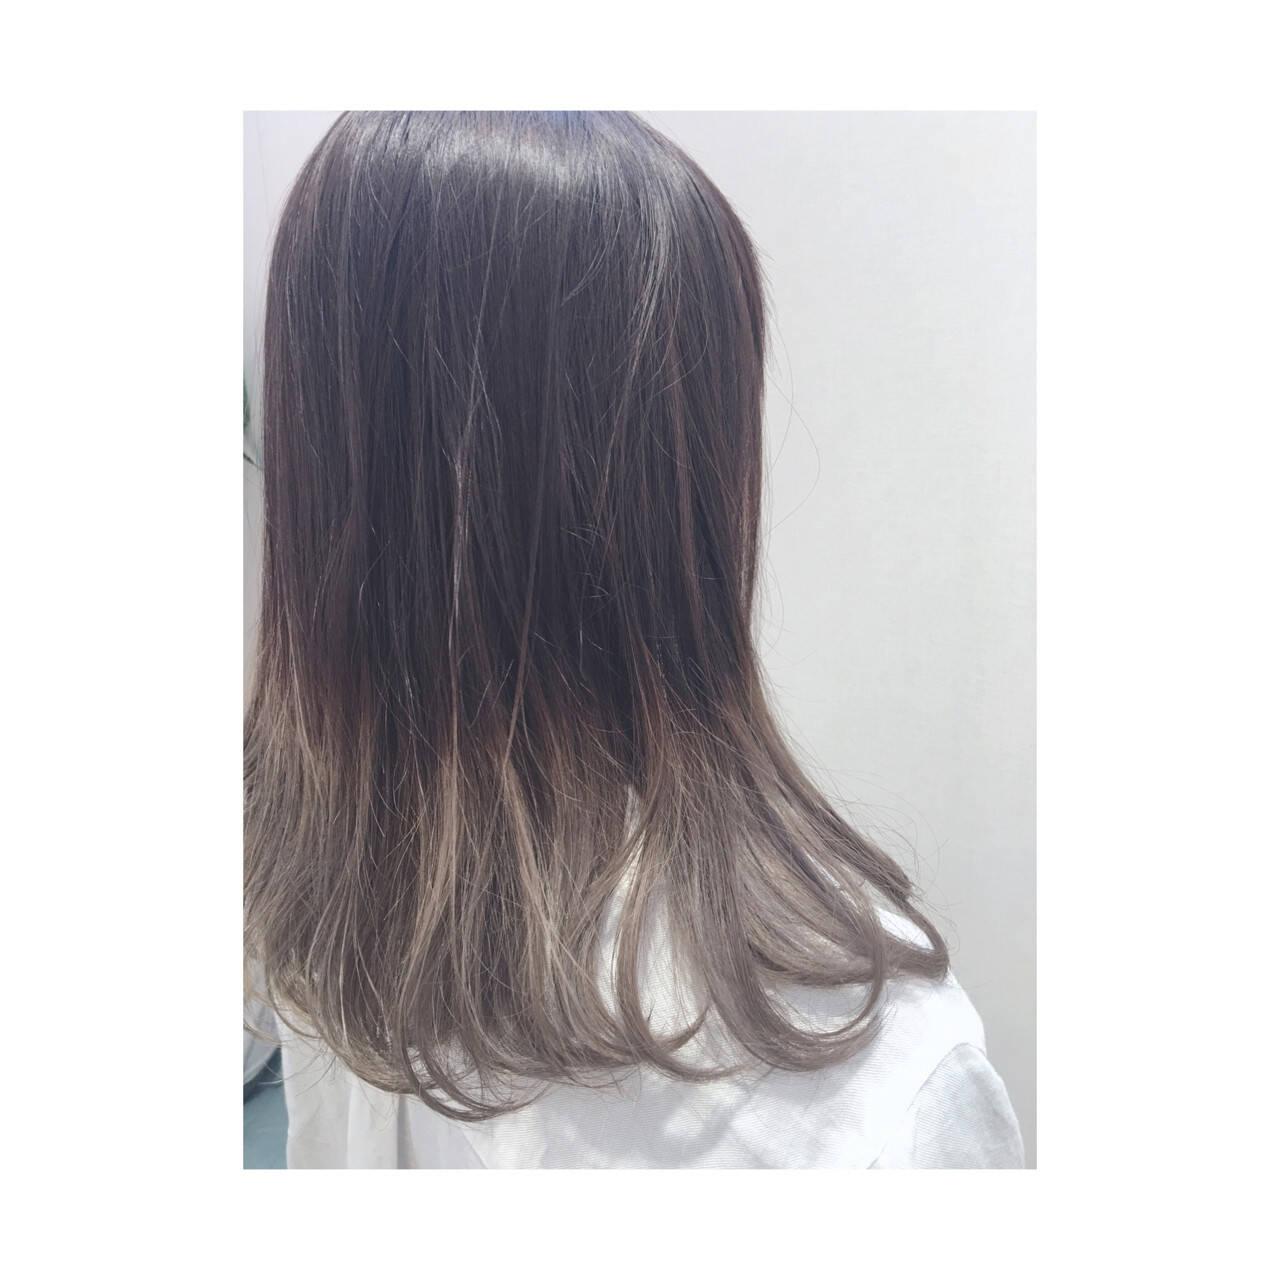 ミディアム アッシュ グレージュ グラデーションカラーヘアスタイルや髪型の写真・画像